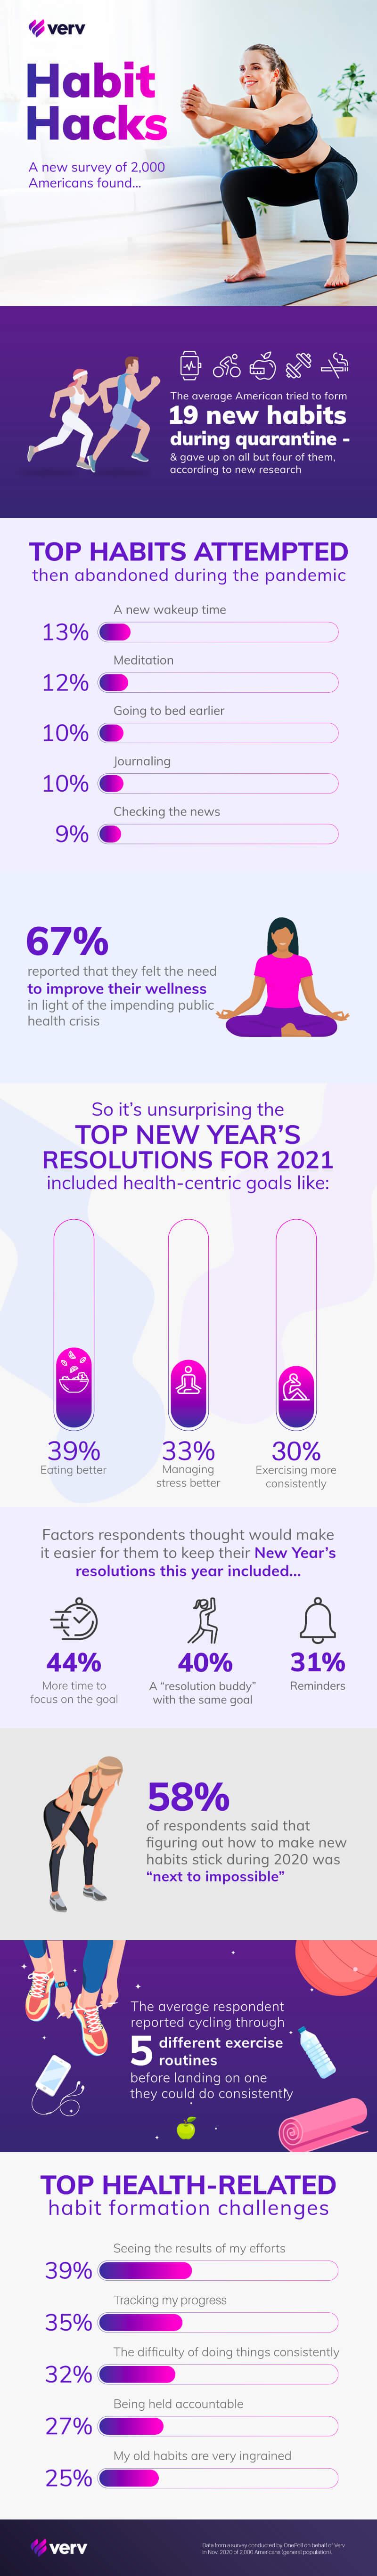 Health_Habits_Infographic_2021